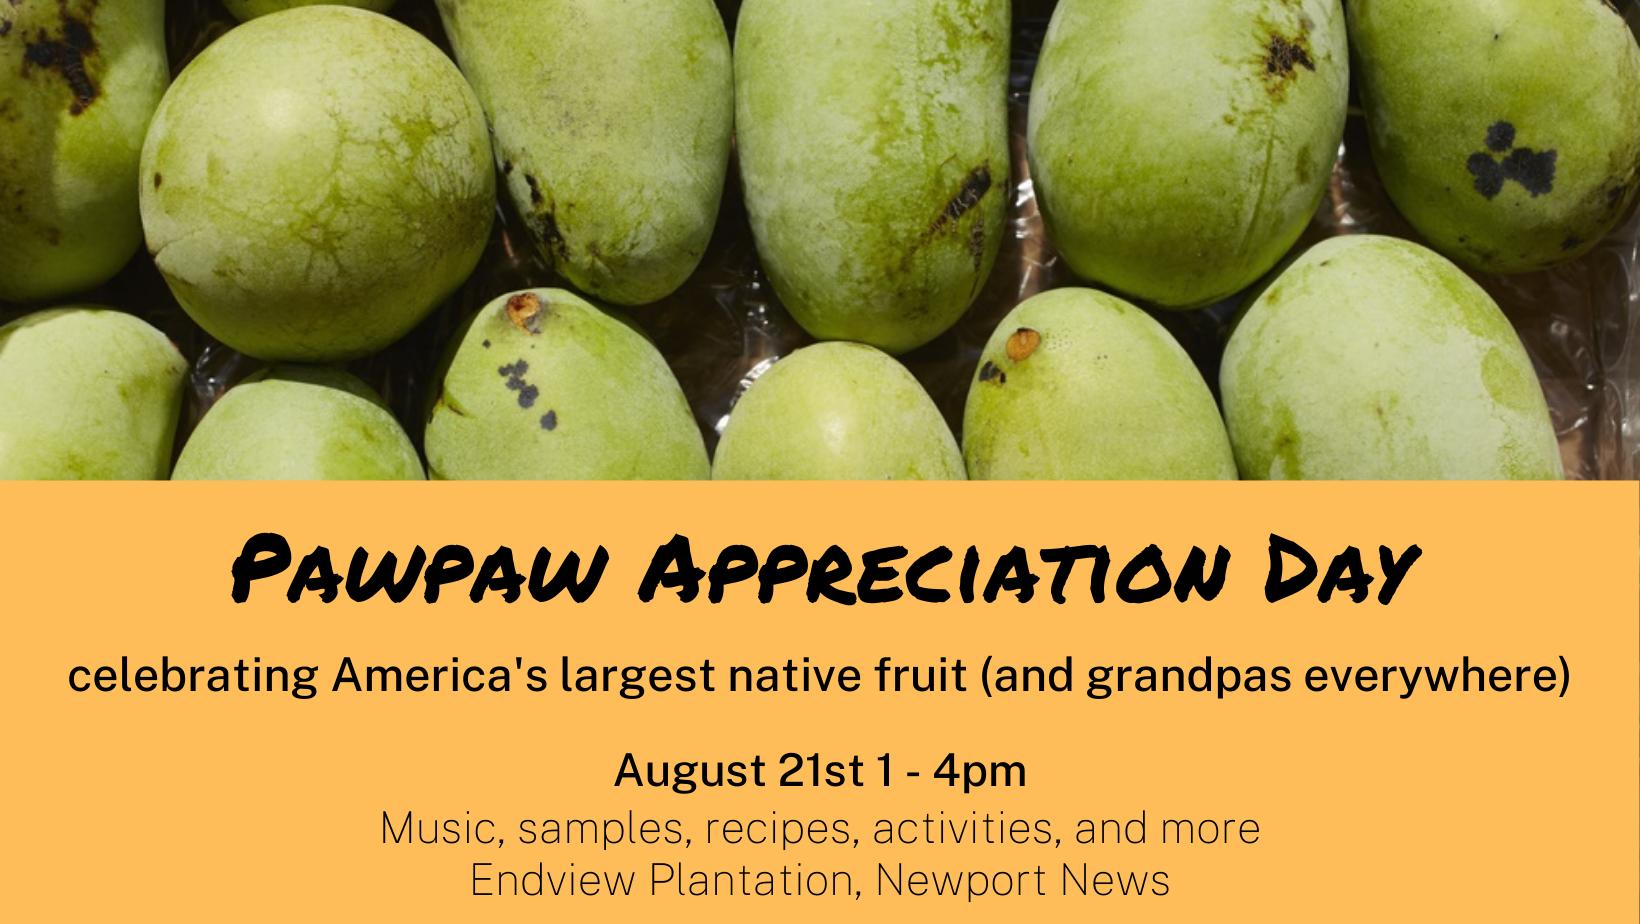 Pawpaw Appreciation Day